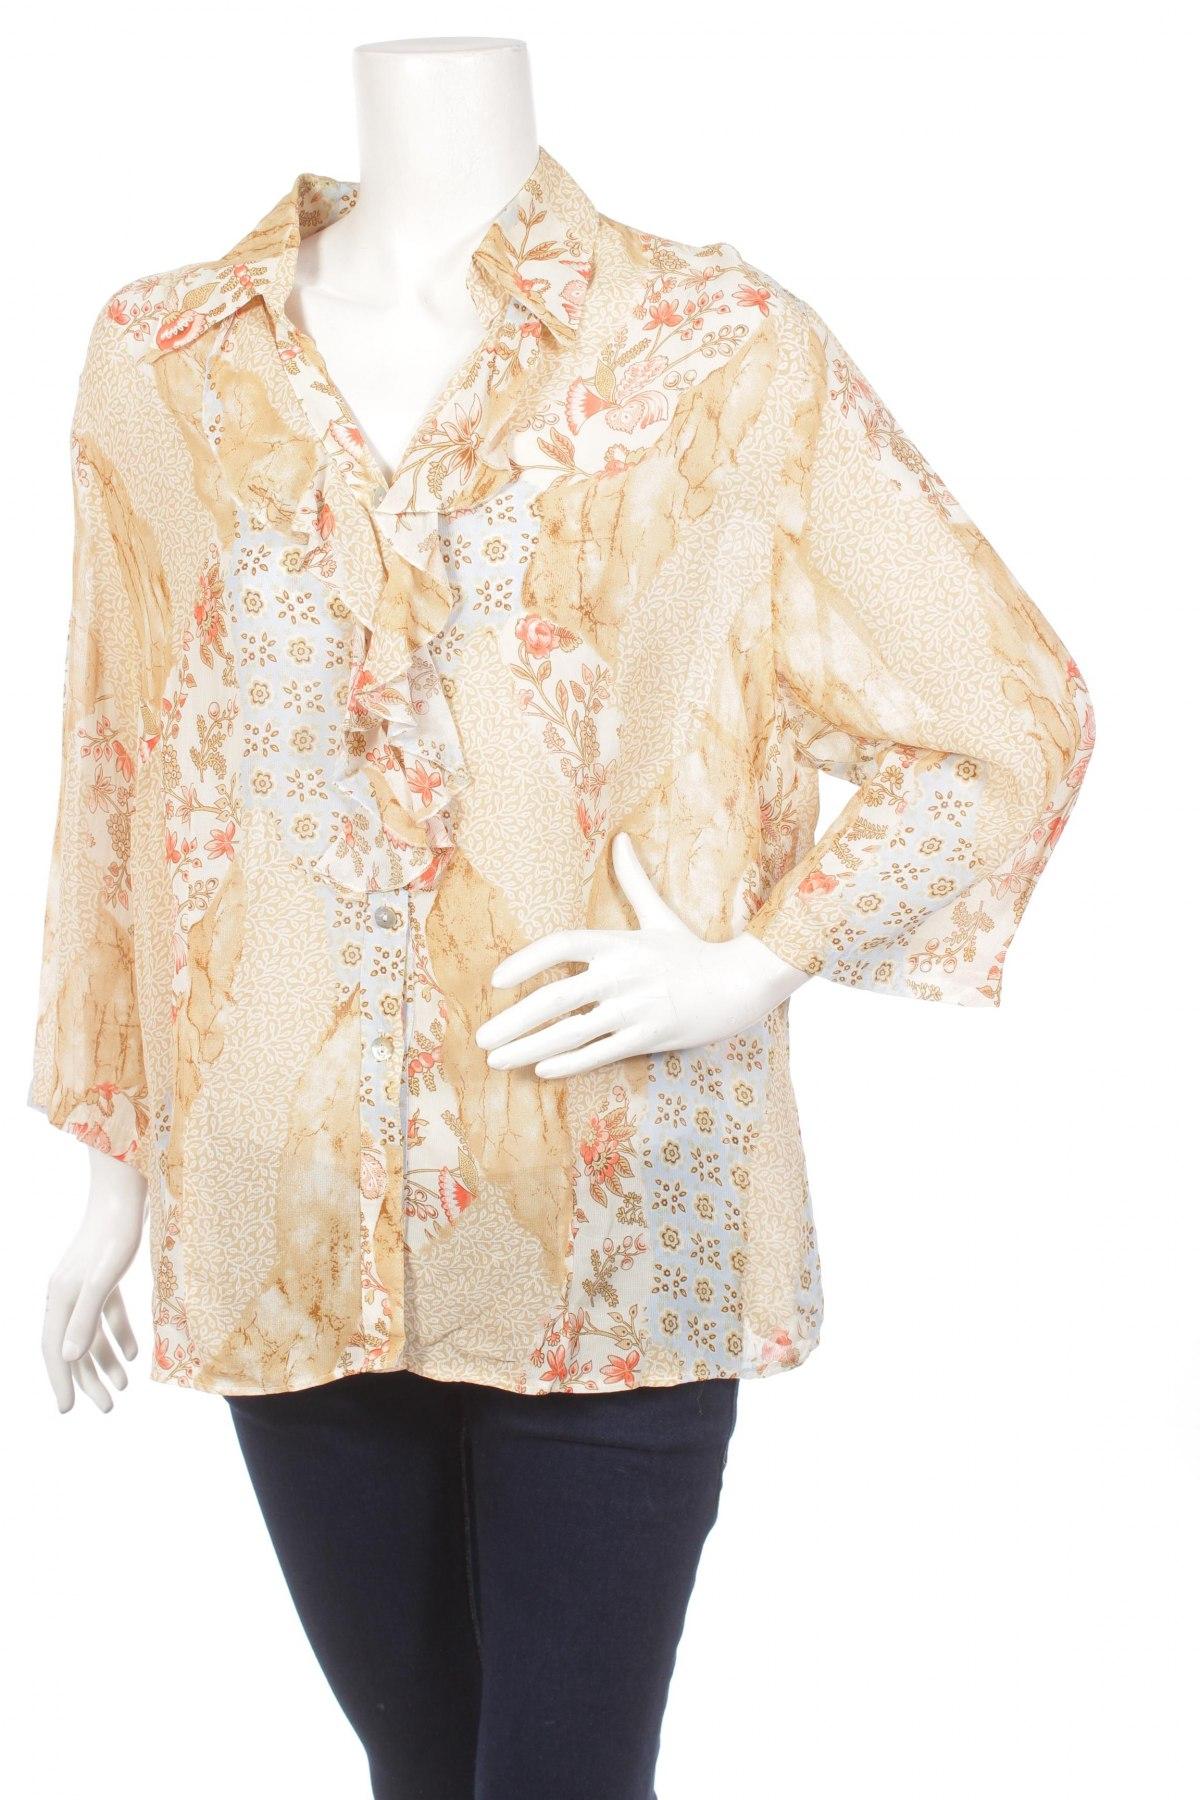 Γυναικείο πουκάμισο Belle Surprise